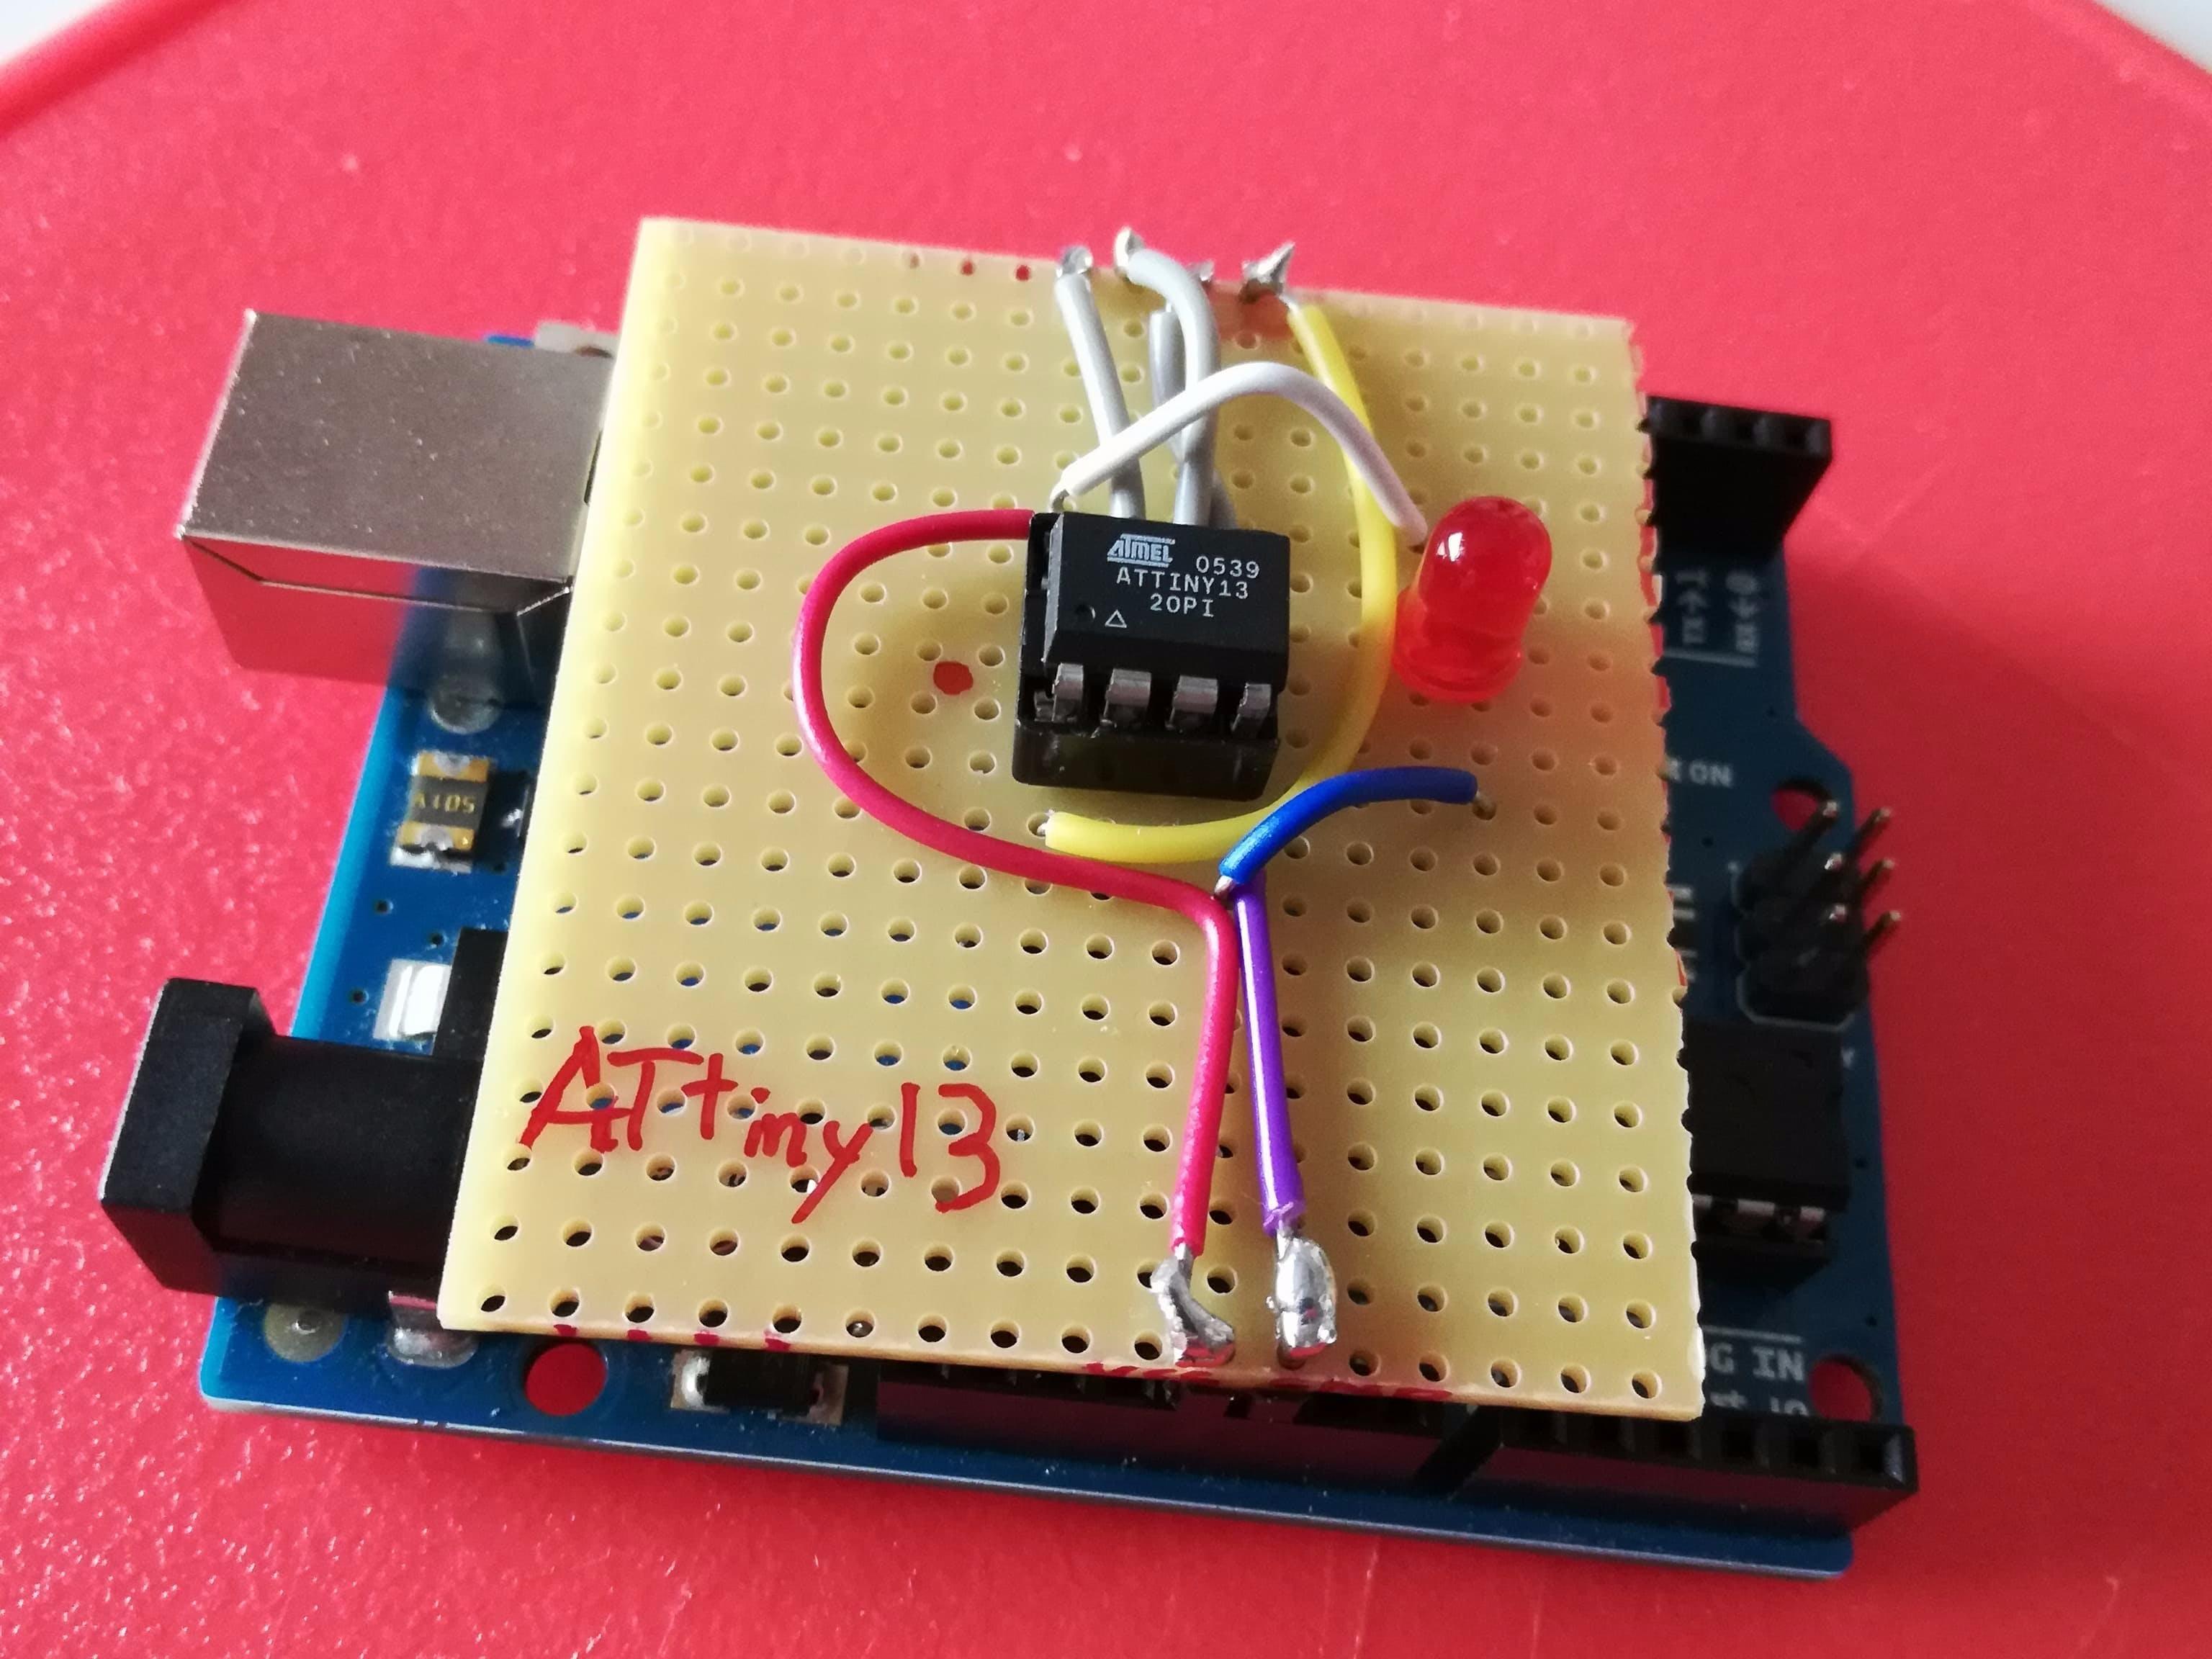 Simple ATTiny13 Shield for Arduino UNO